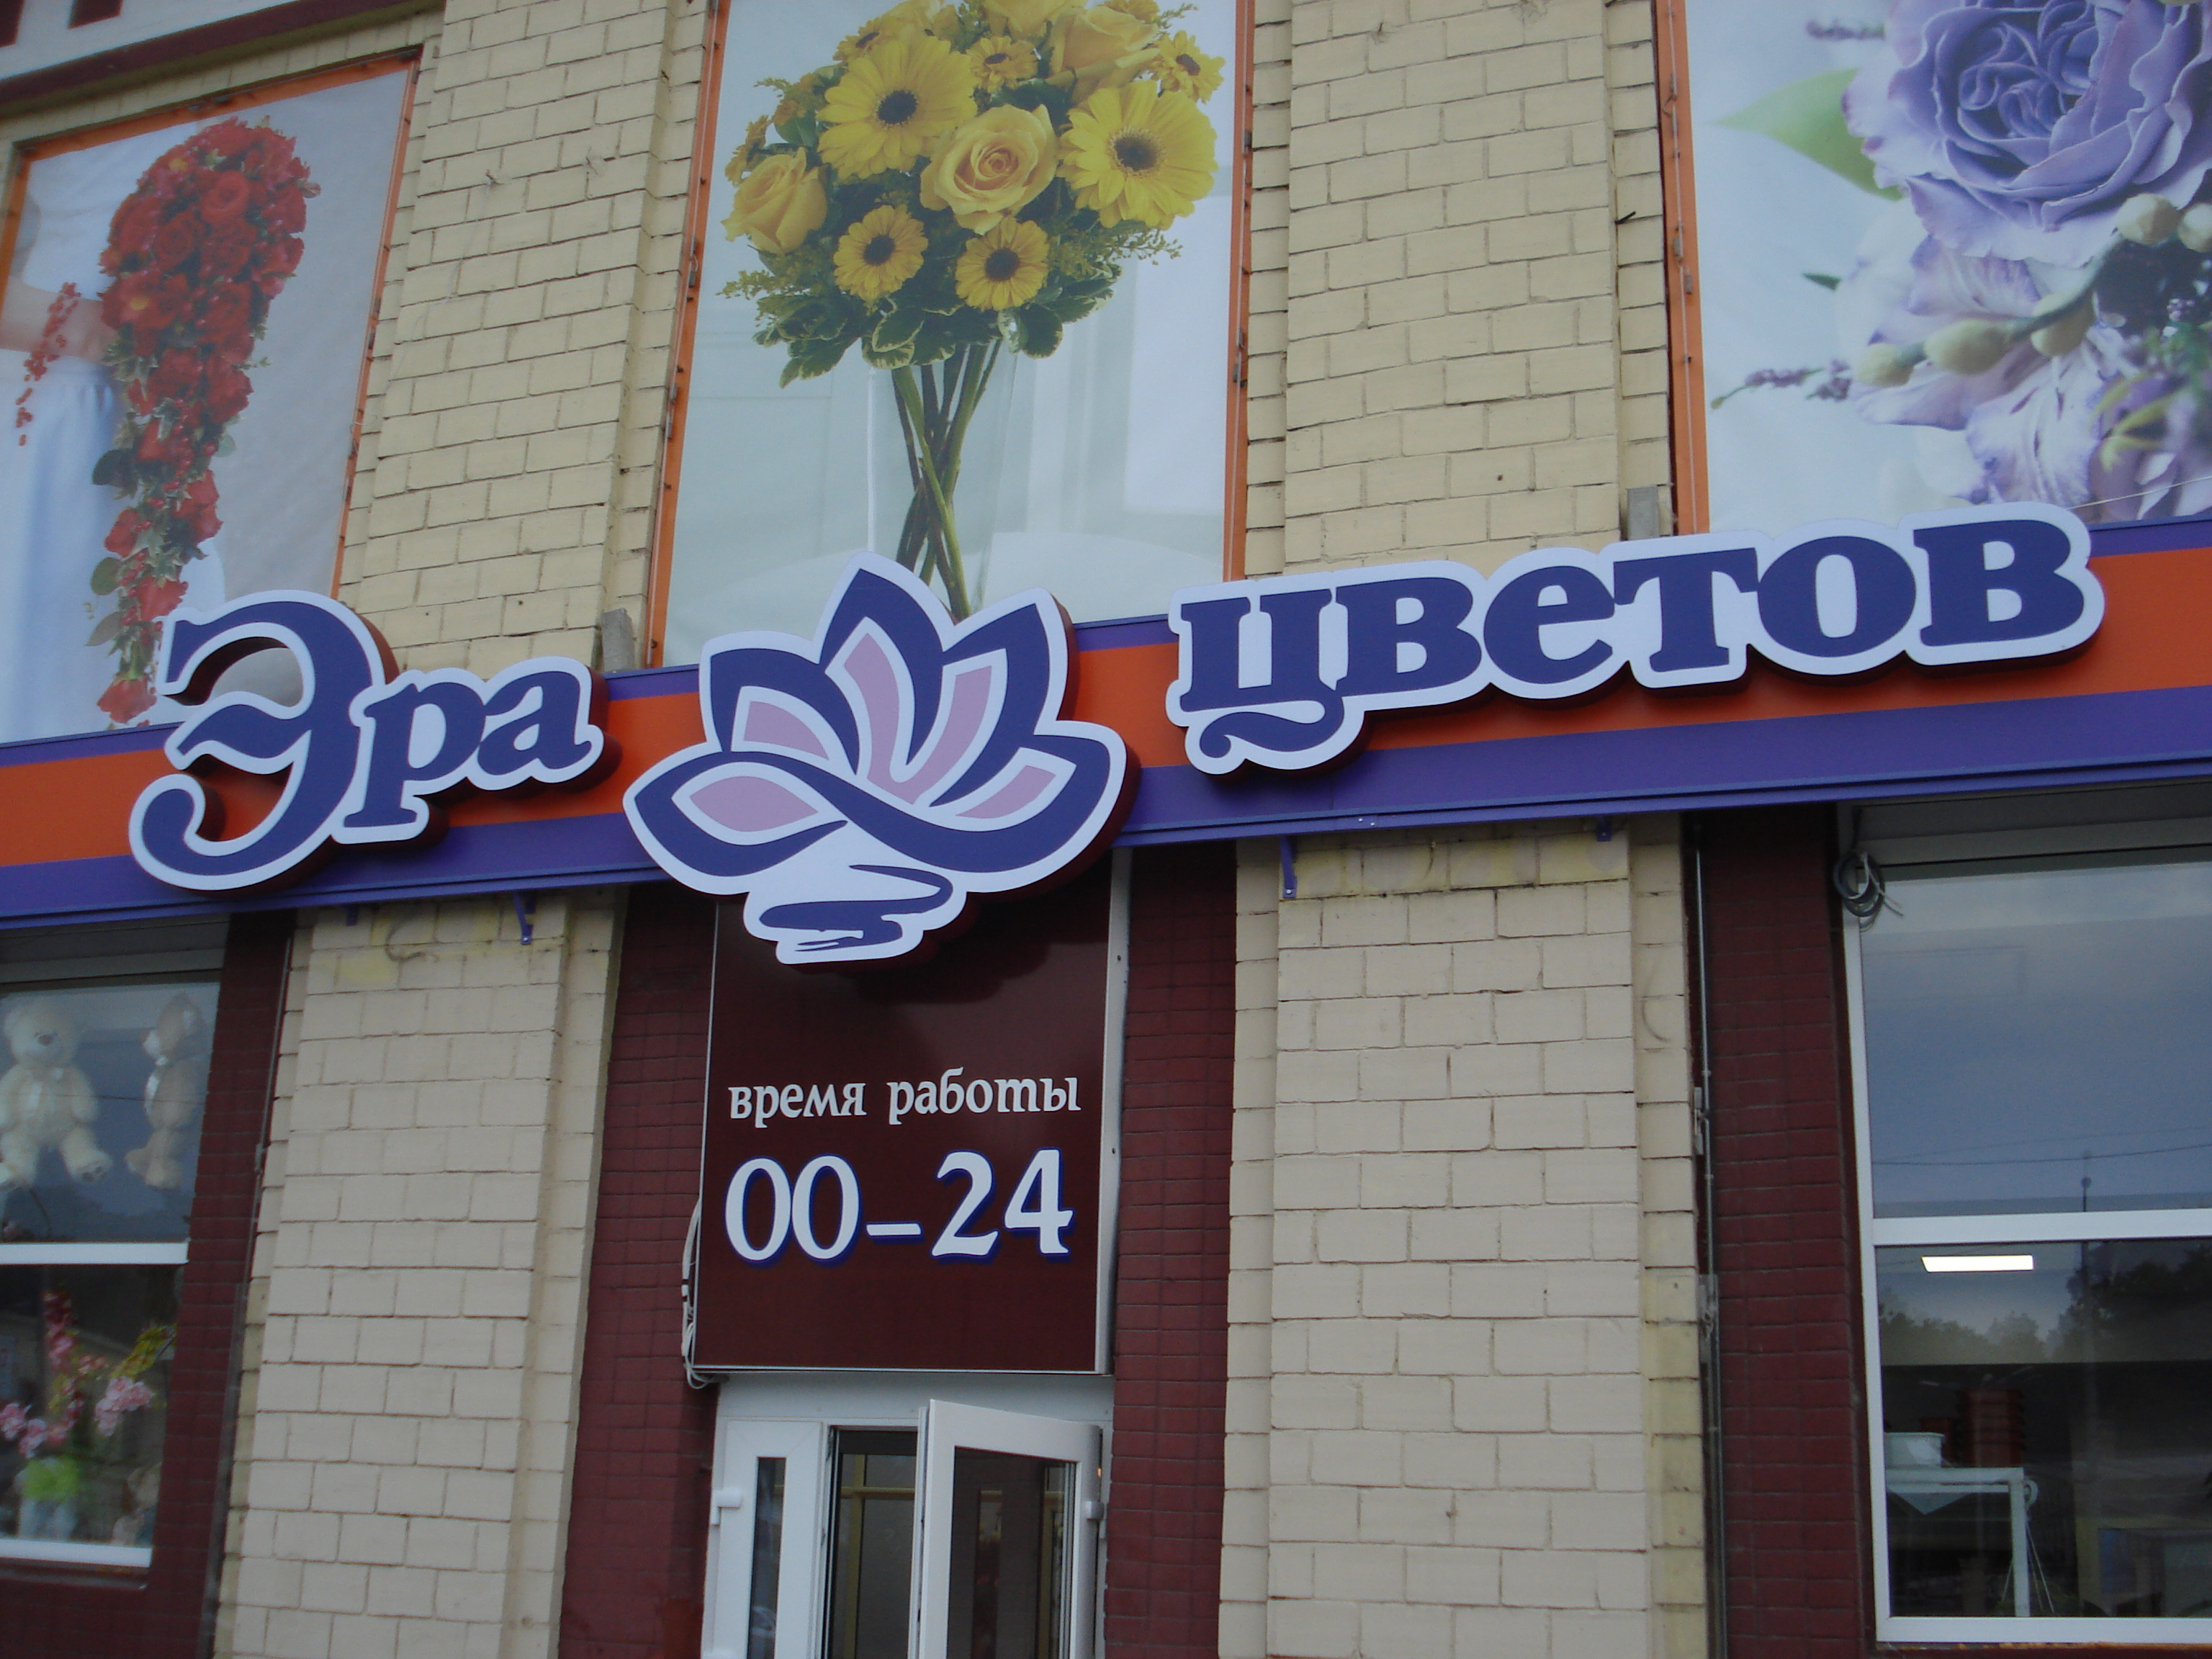 Фото Наружная реклама. Светящаяся вывеска.